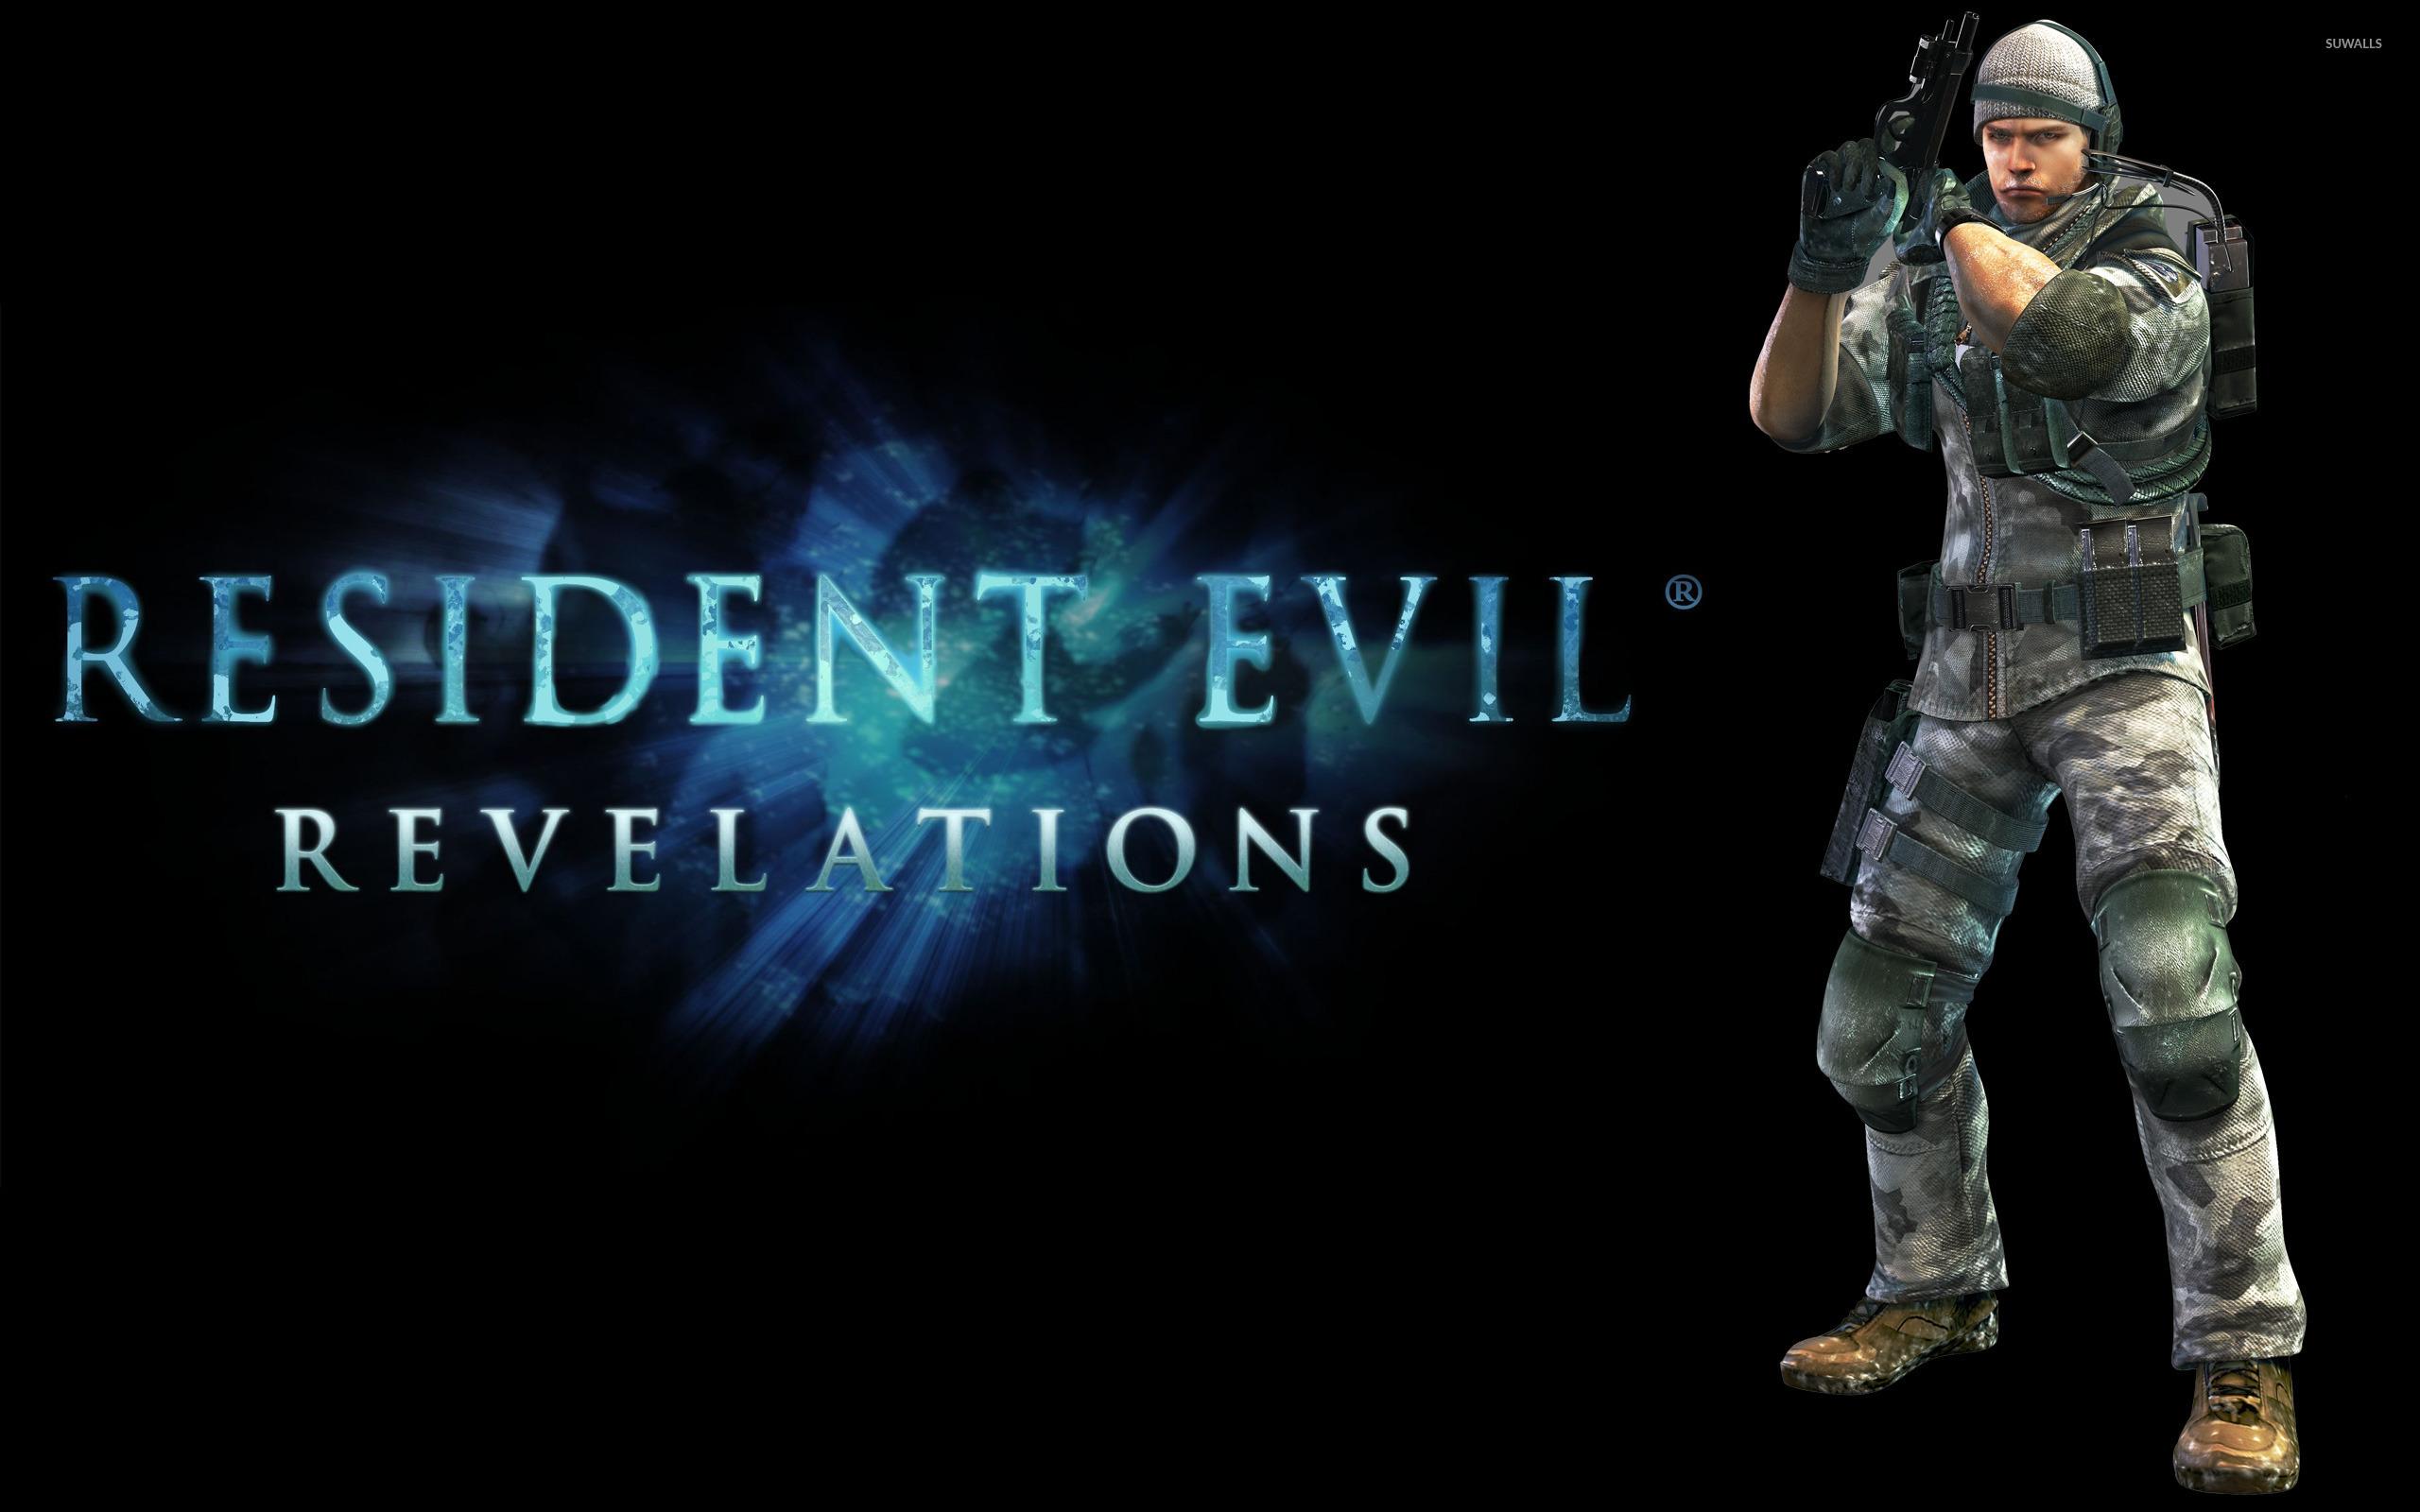 Chris Redfield Resident Evil Revelations 2 Wallpaper Game